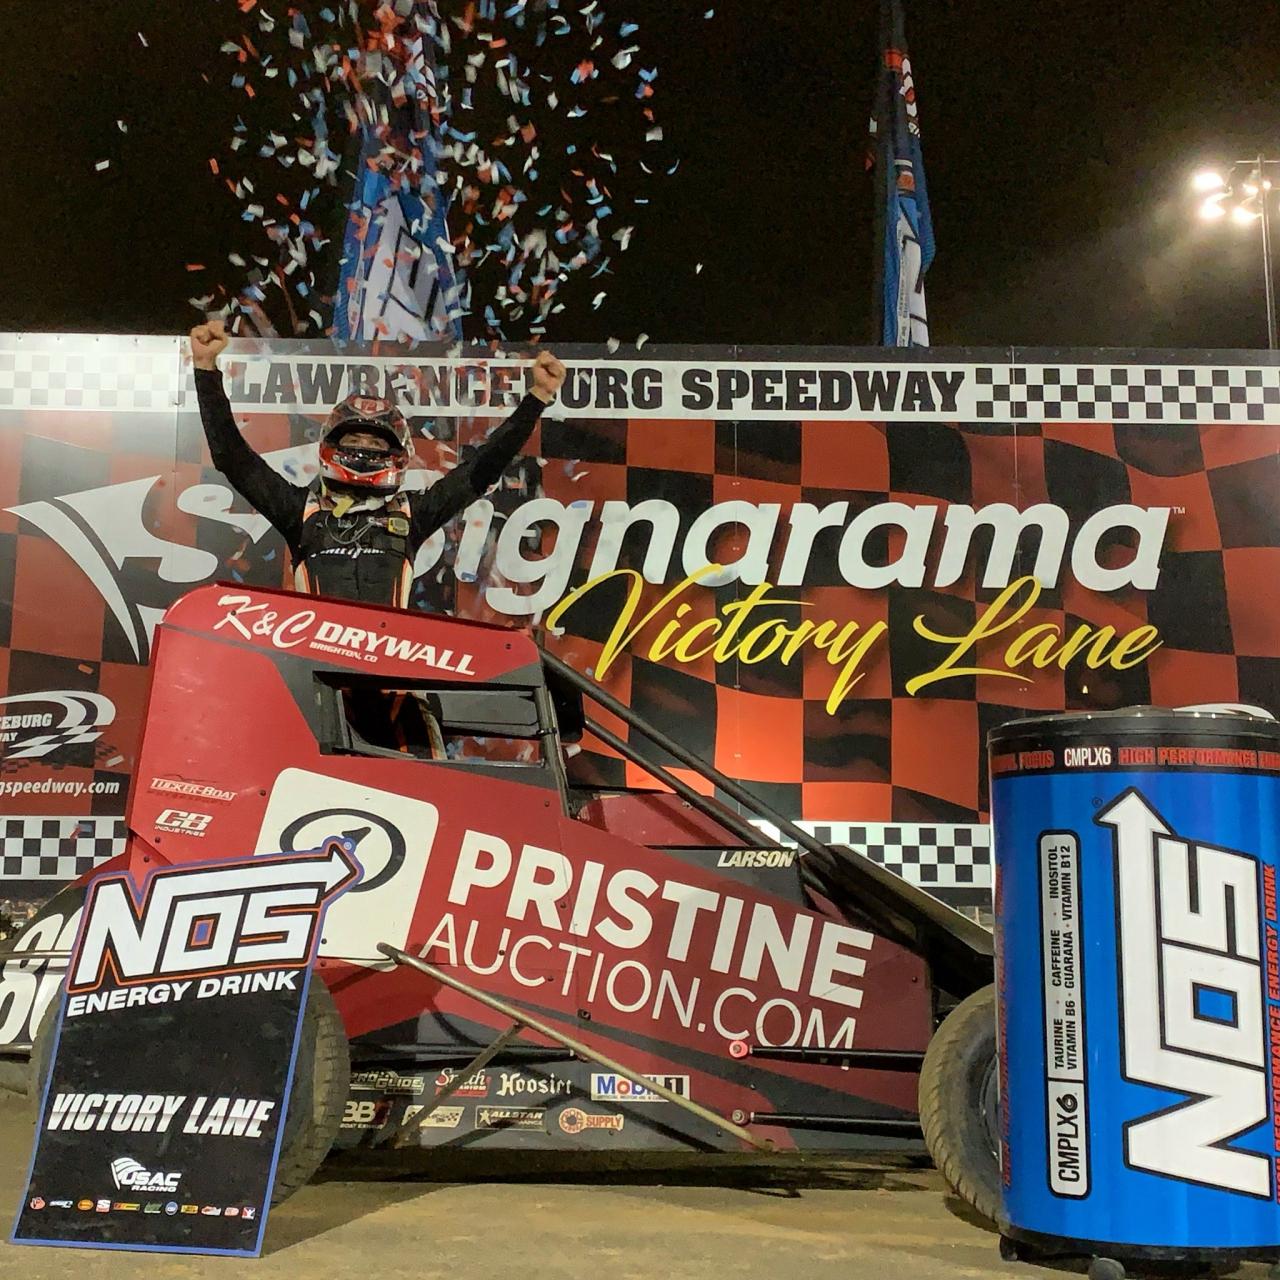 Kyle Larson wins at Lawrenceburg Speedway